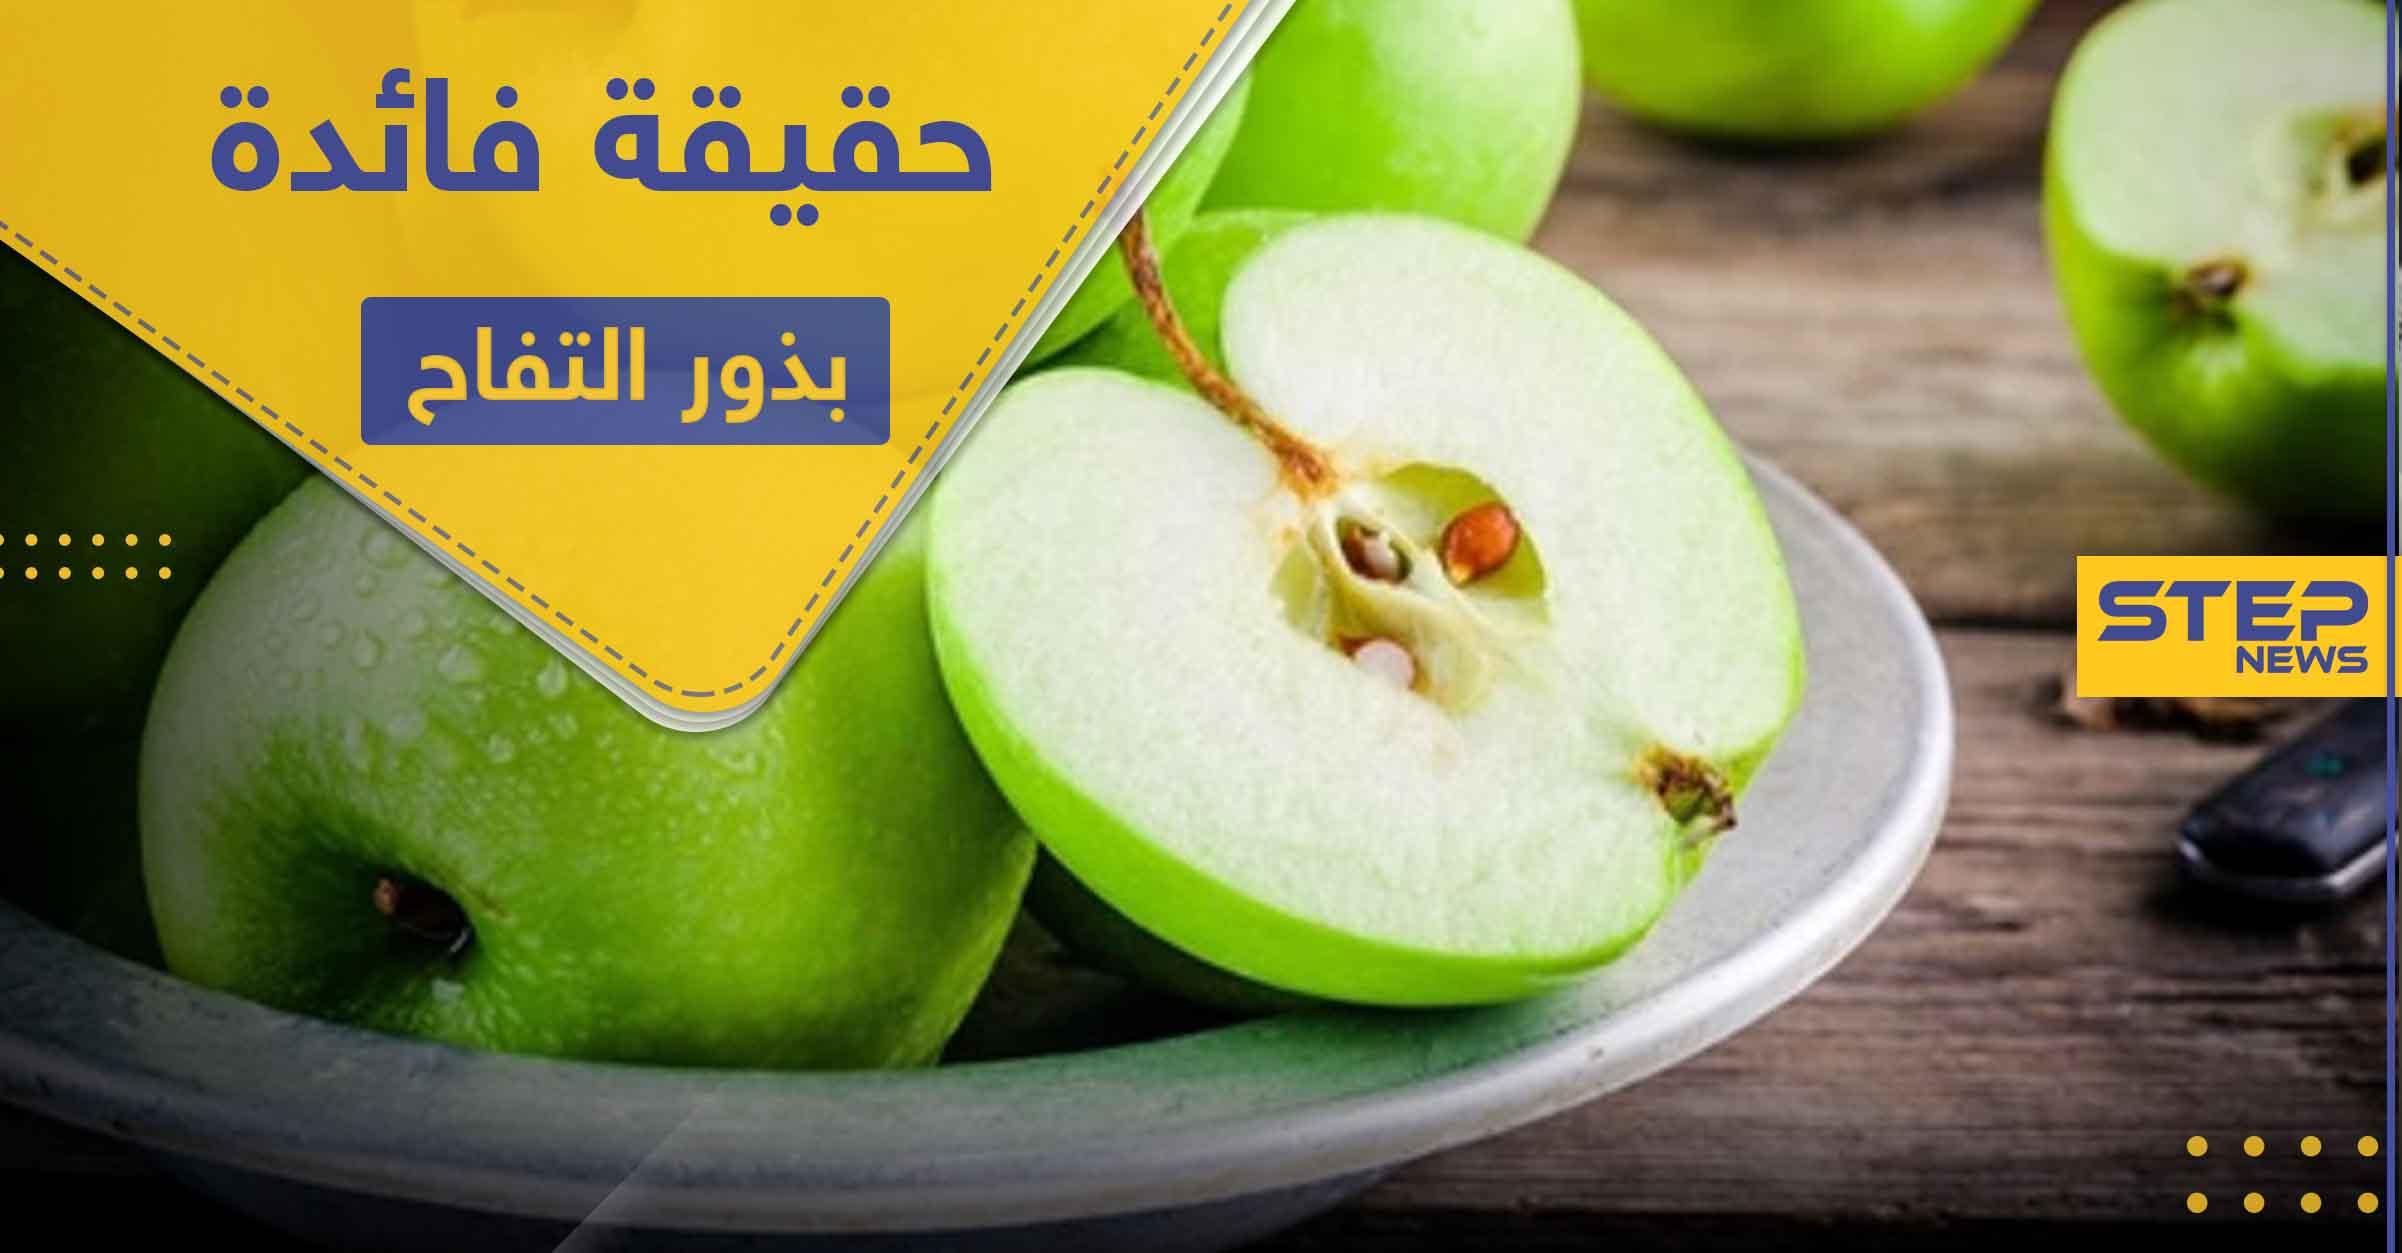 هل تناول بذور التفاح مفيدة.. وما هي الكمية الآمنة المسموح تناولها